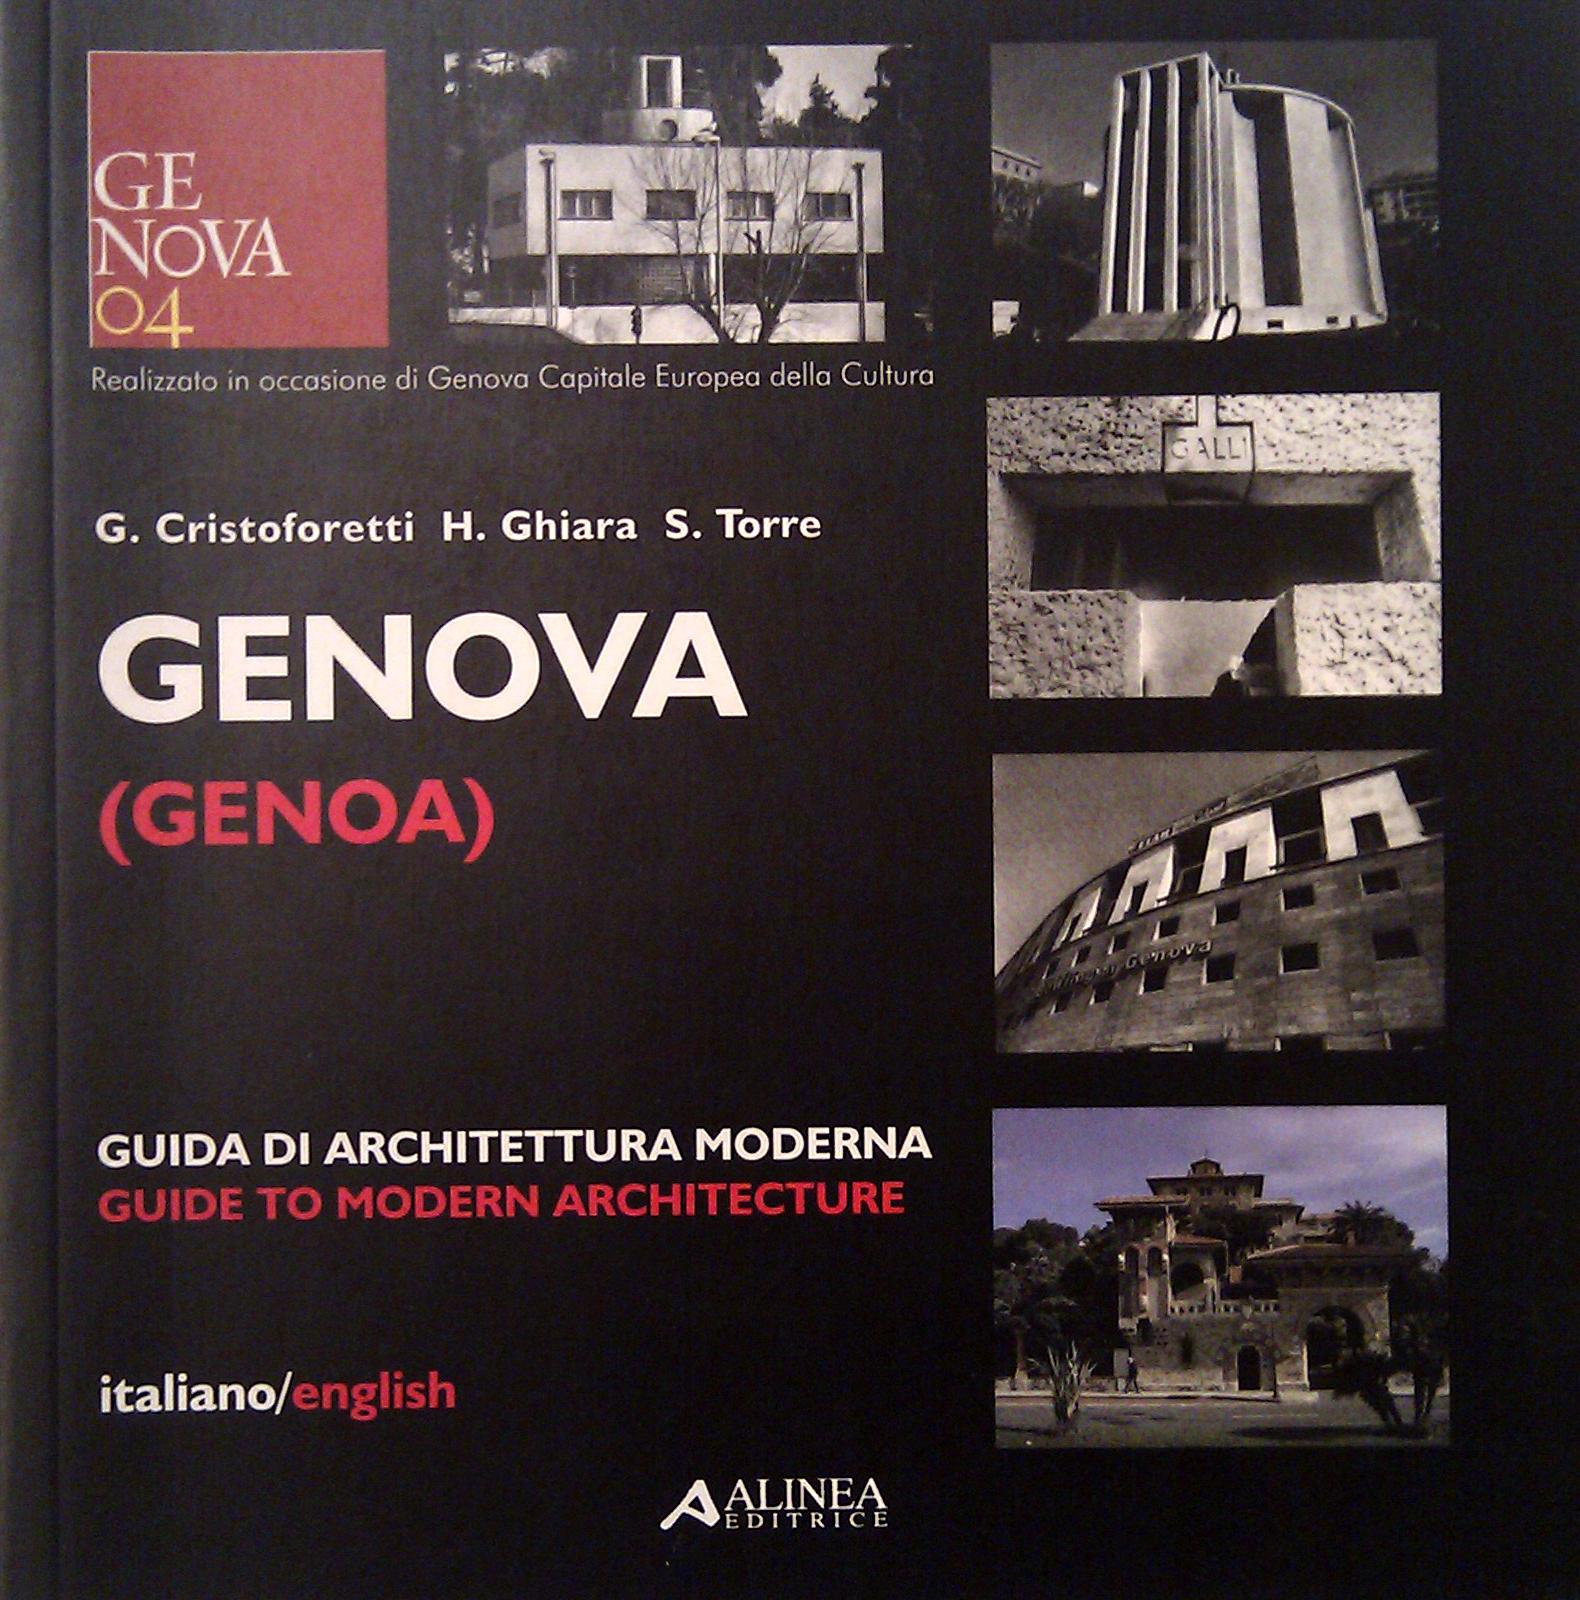 Guida di architettura moderna